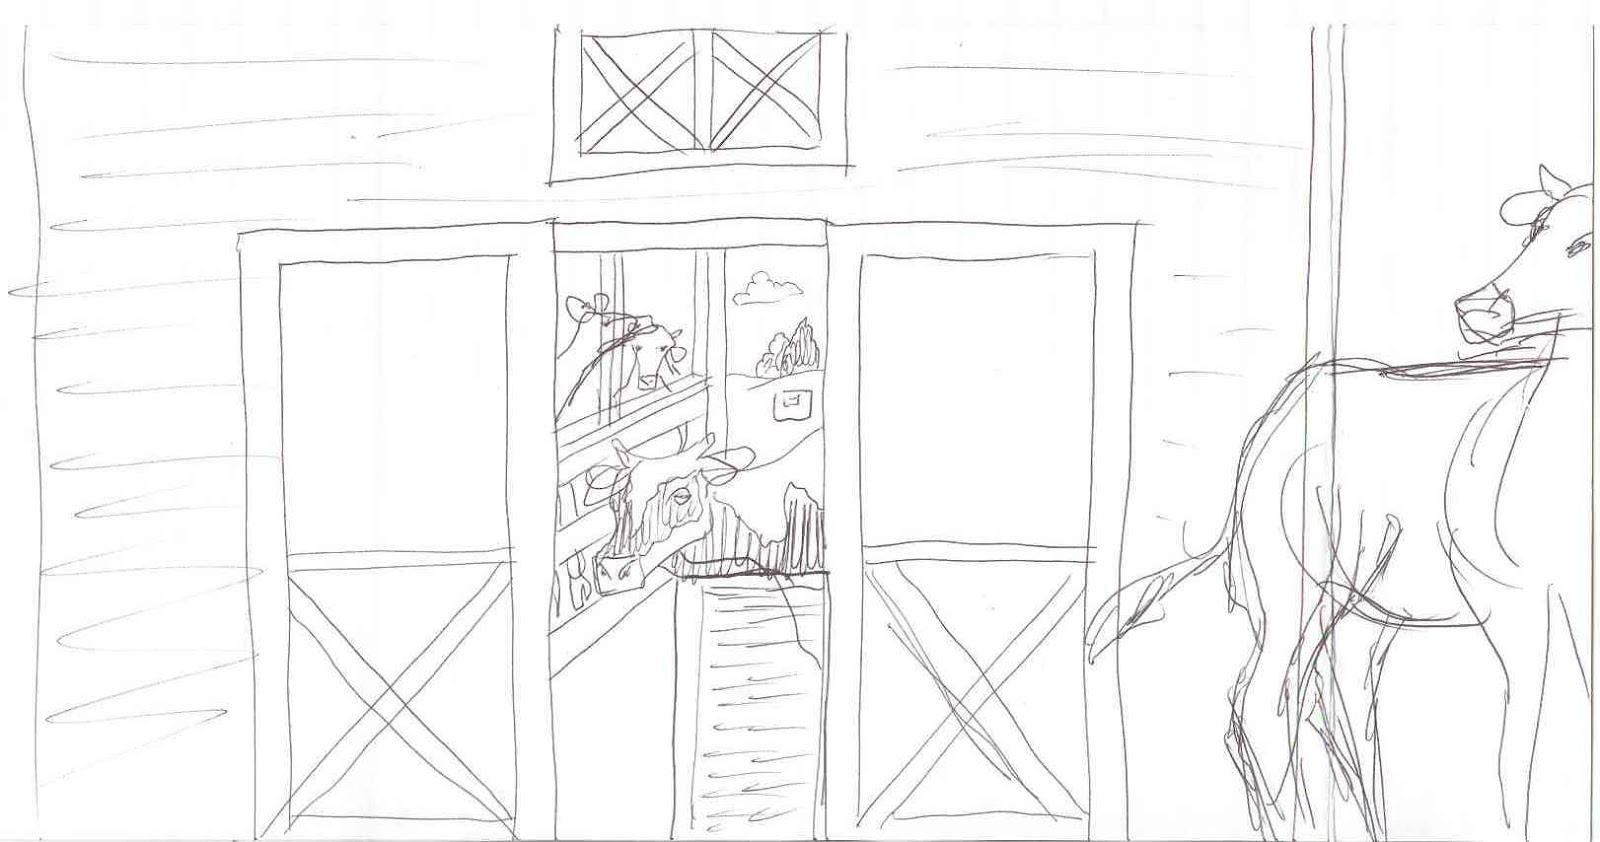 1600x842 The Talking Artist 6 ~ Mural 2012 Gesture Drawings Of Barns